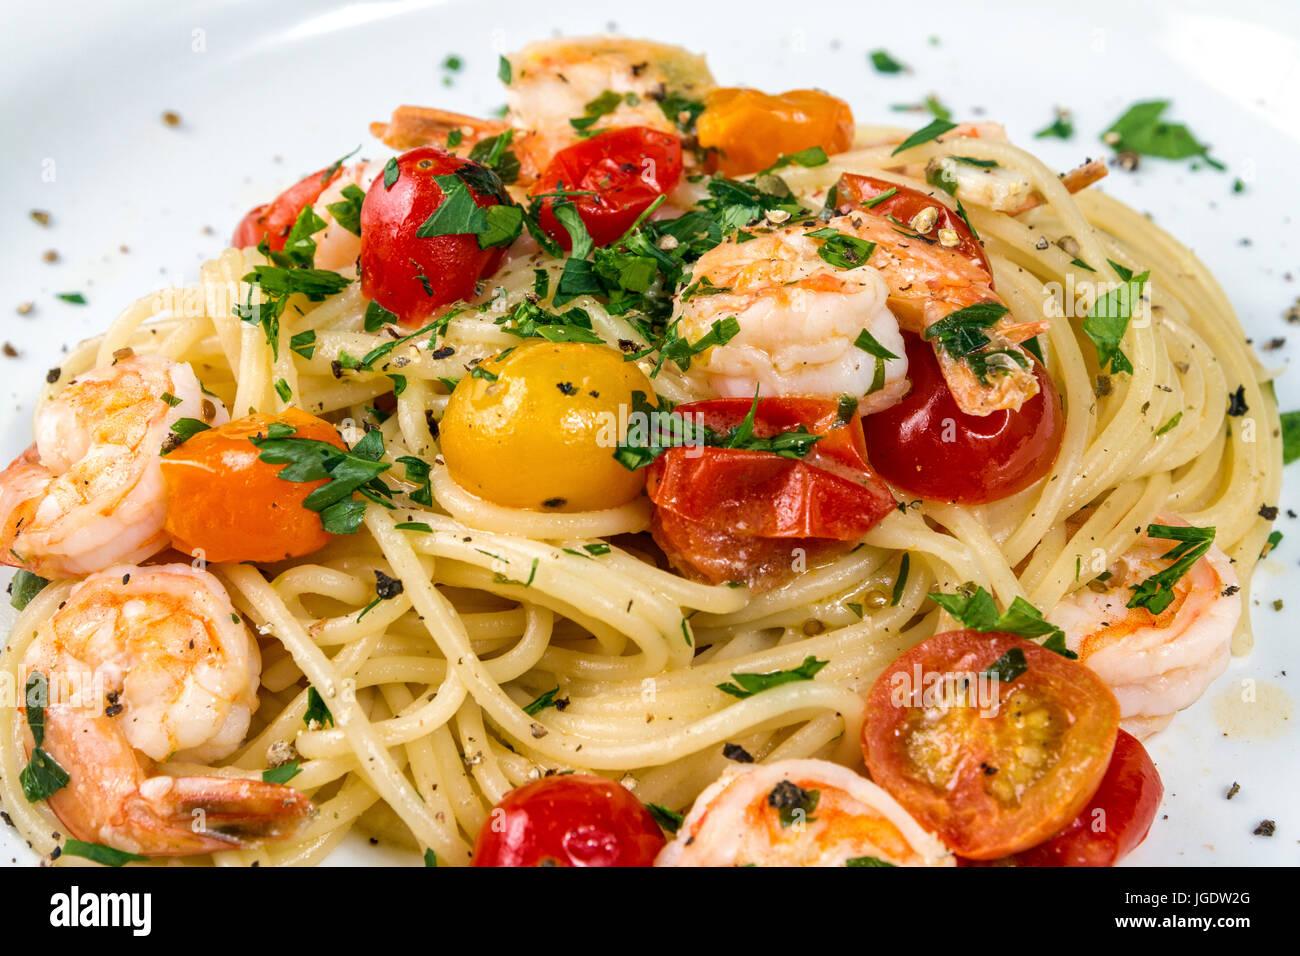 fisch und meeresfr chte spaghetti nudeln mit garnelen oder shrimps mit gemischten farben cherry. Black Bedroom Furniture Sets. Home Design Ideas